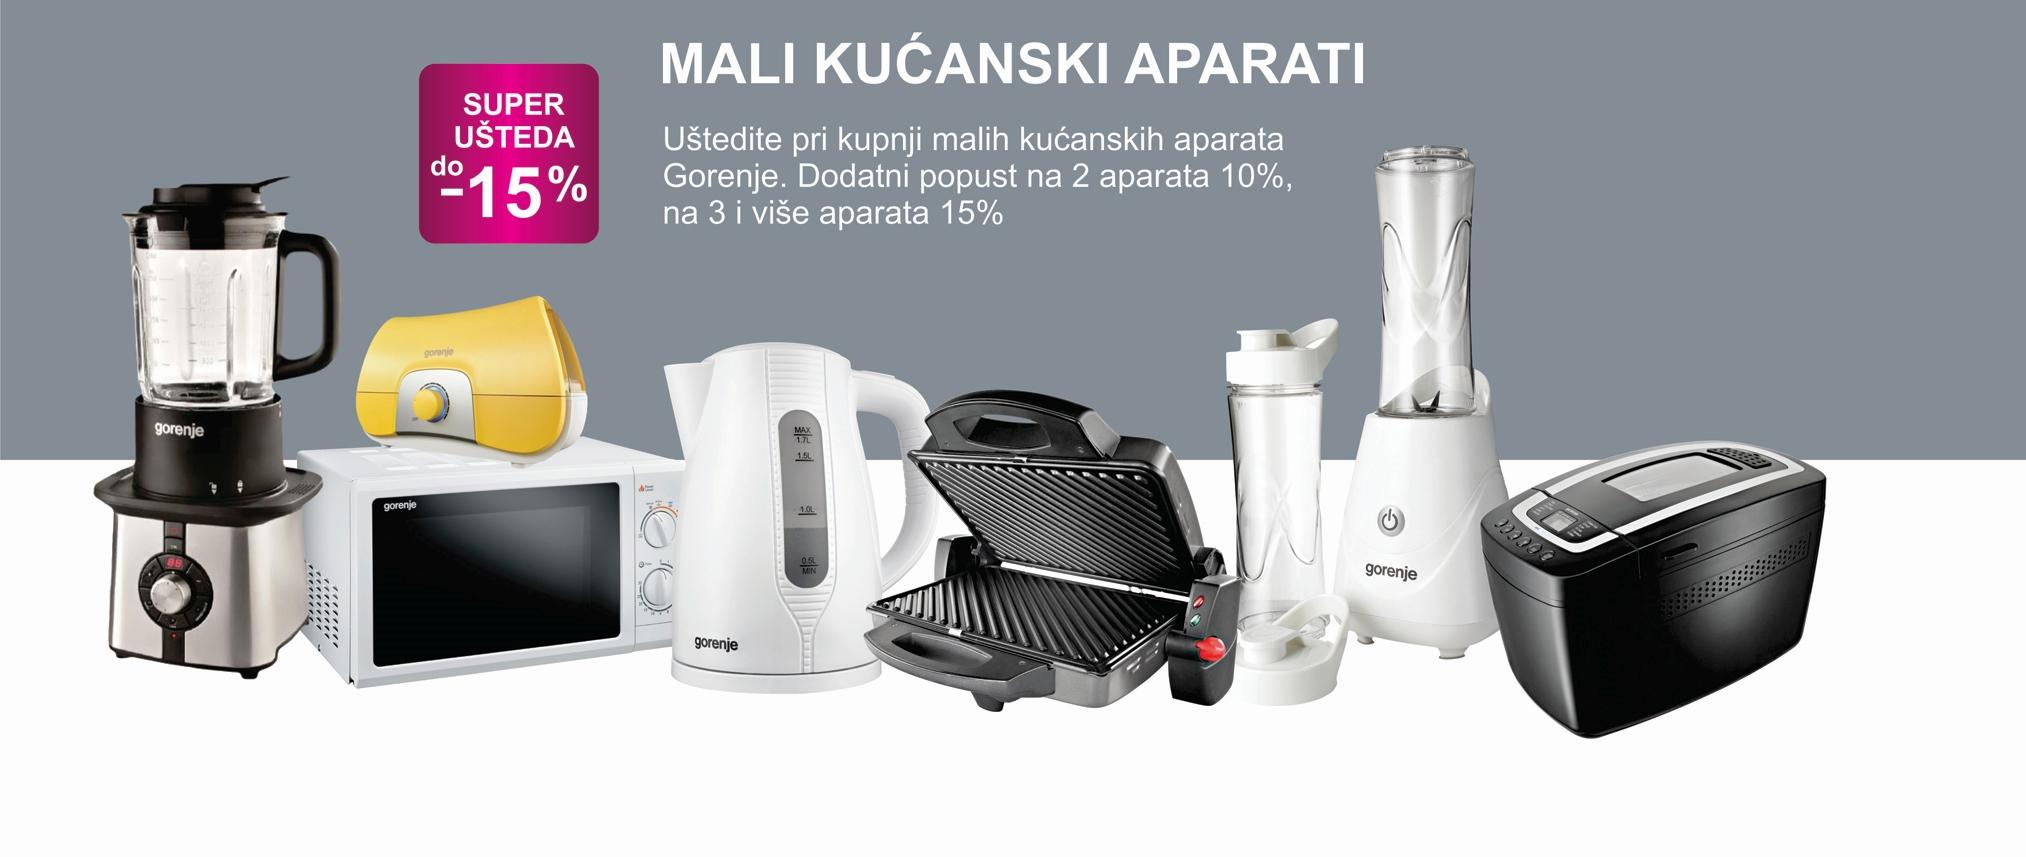 mka copy1